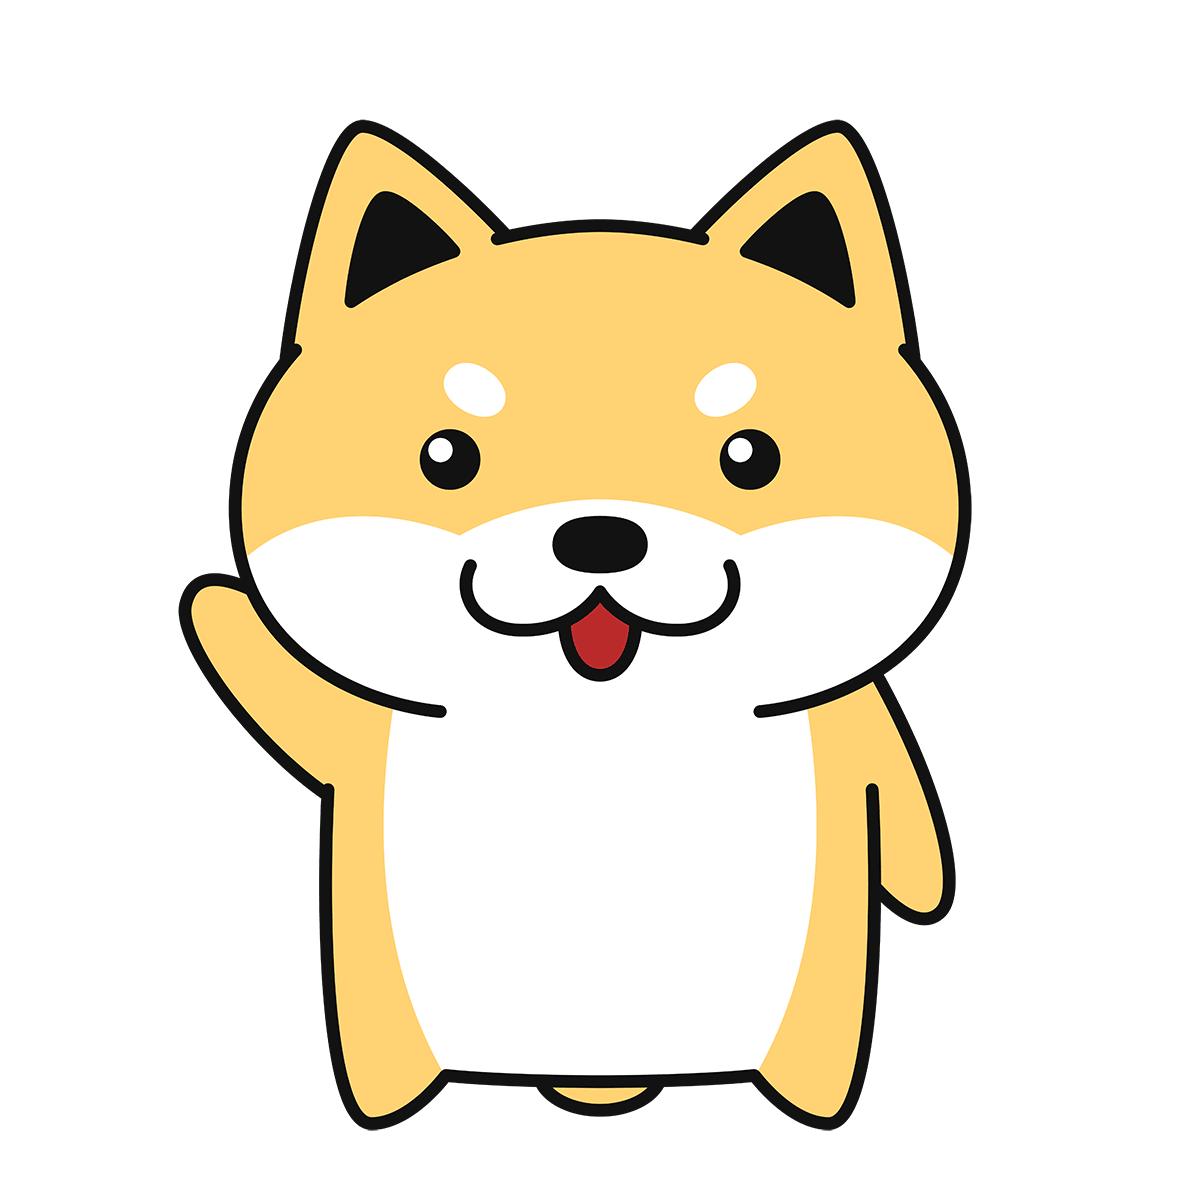 しゃべる柴犬(コタロー)の無料イラスト